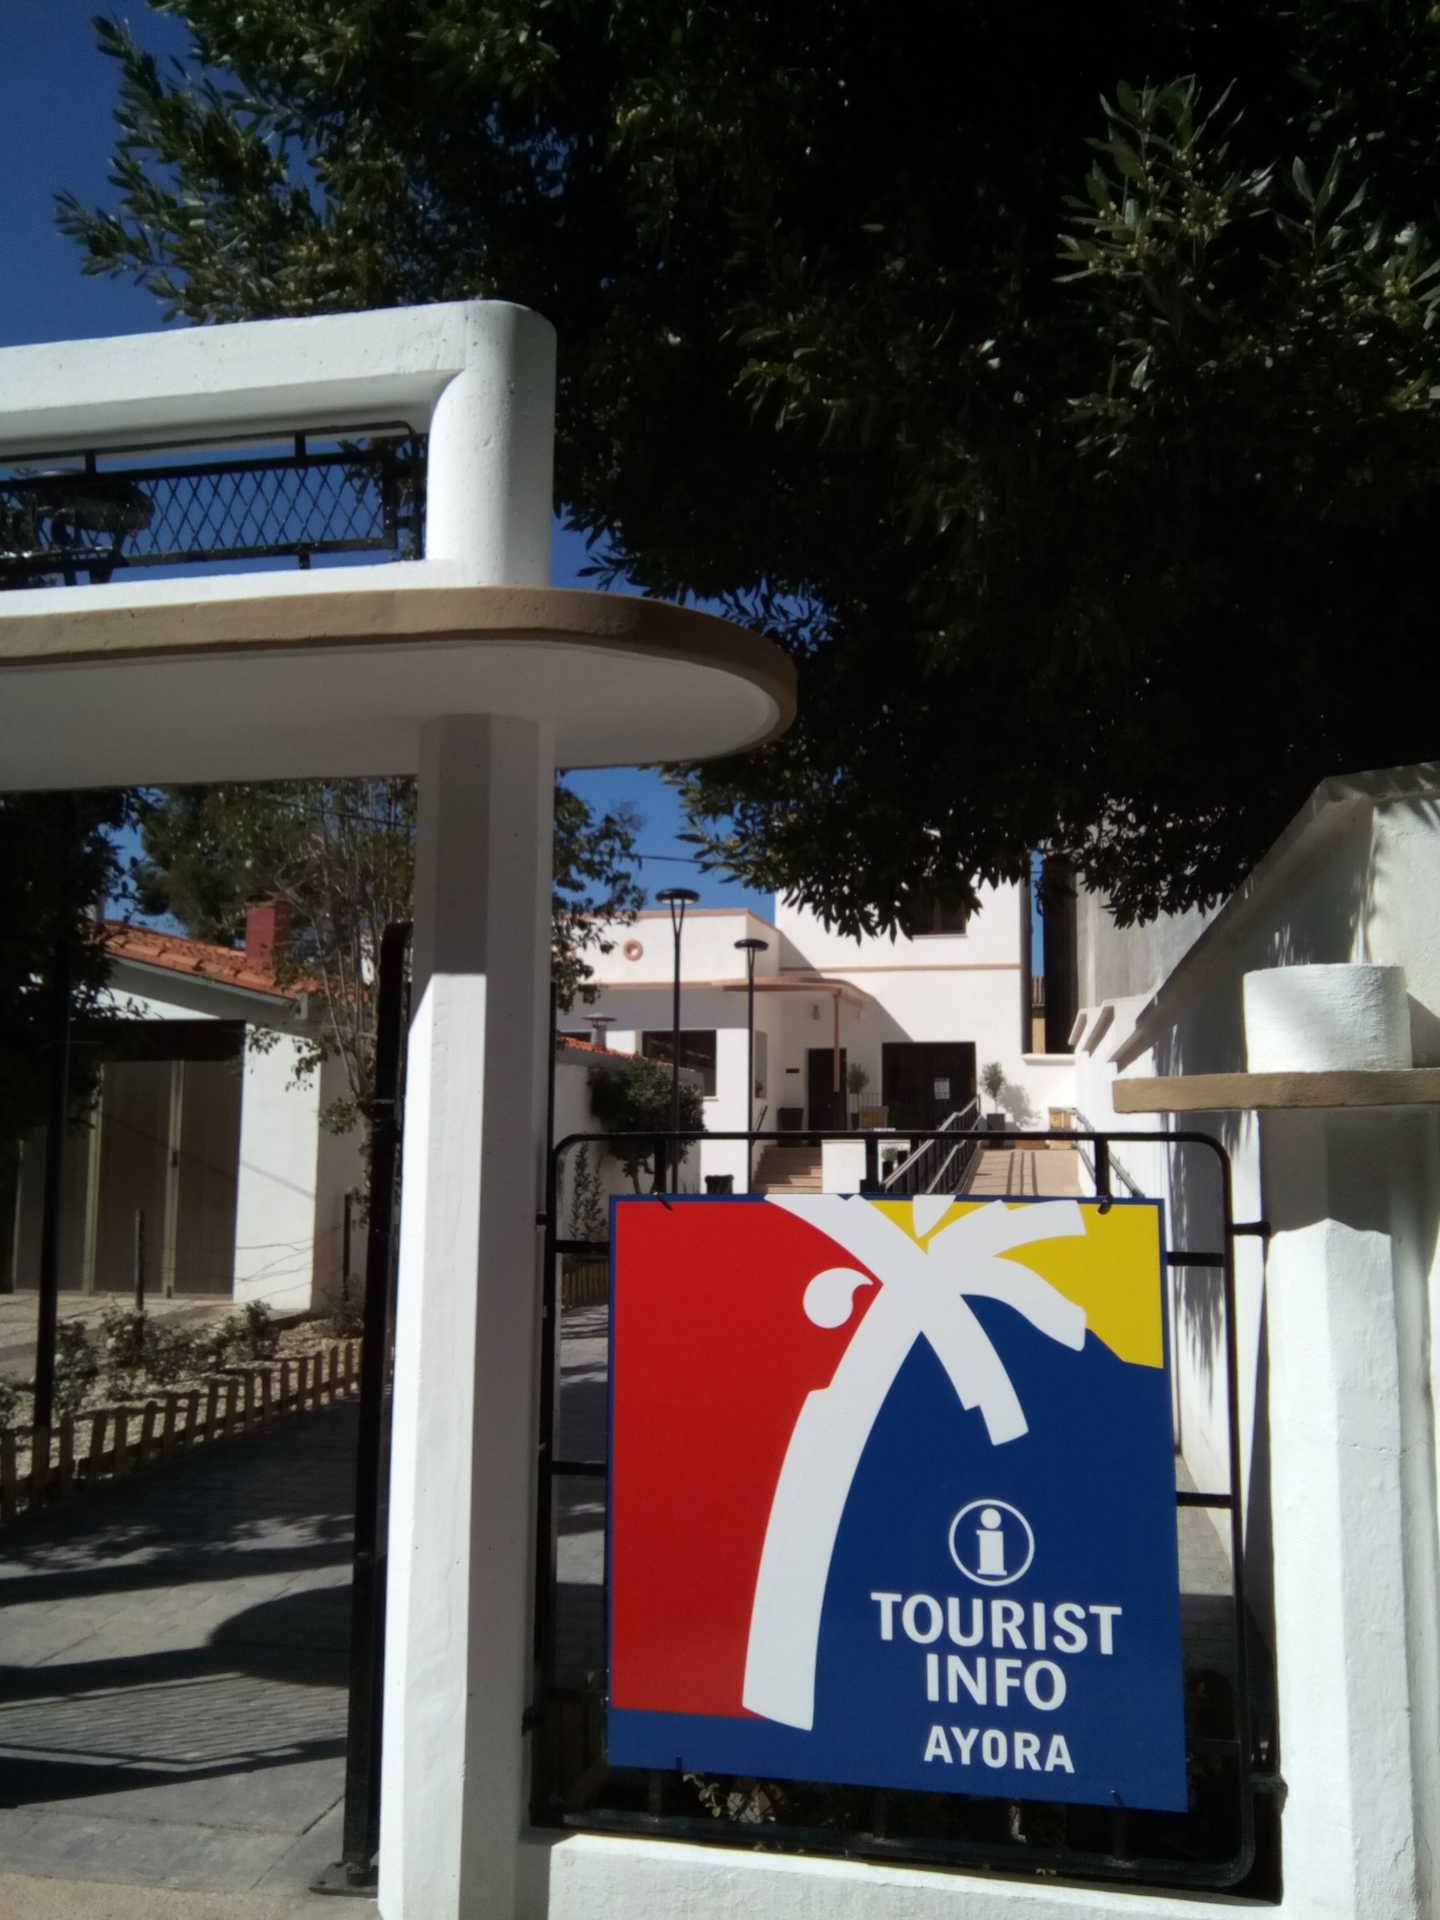 TOURIST INFO AYORA